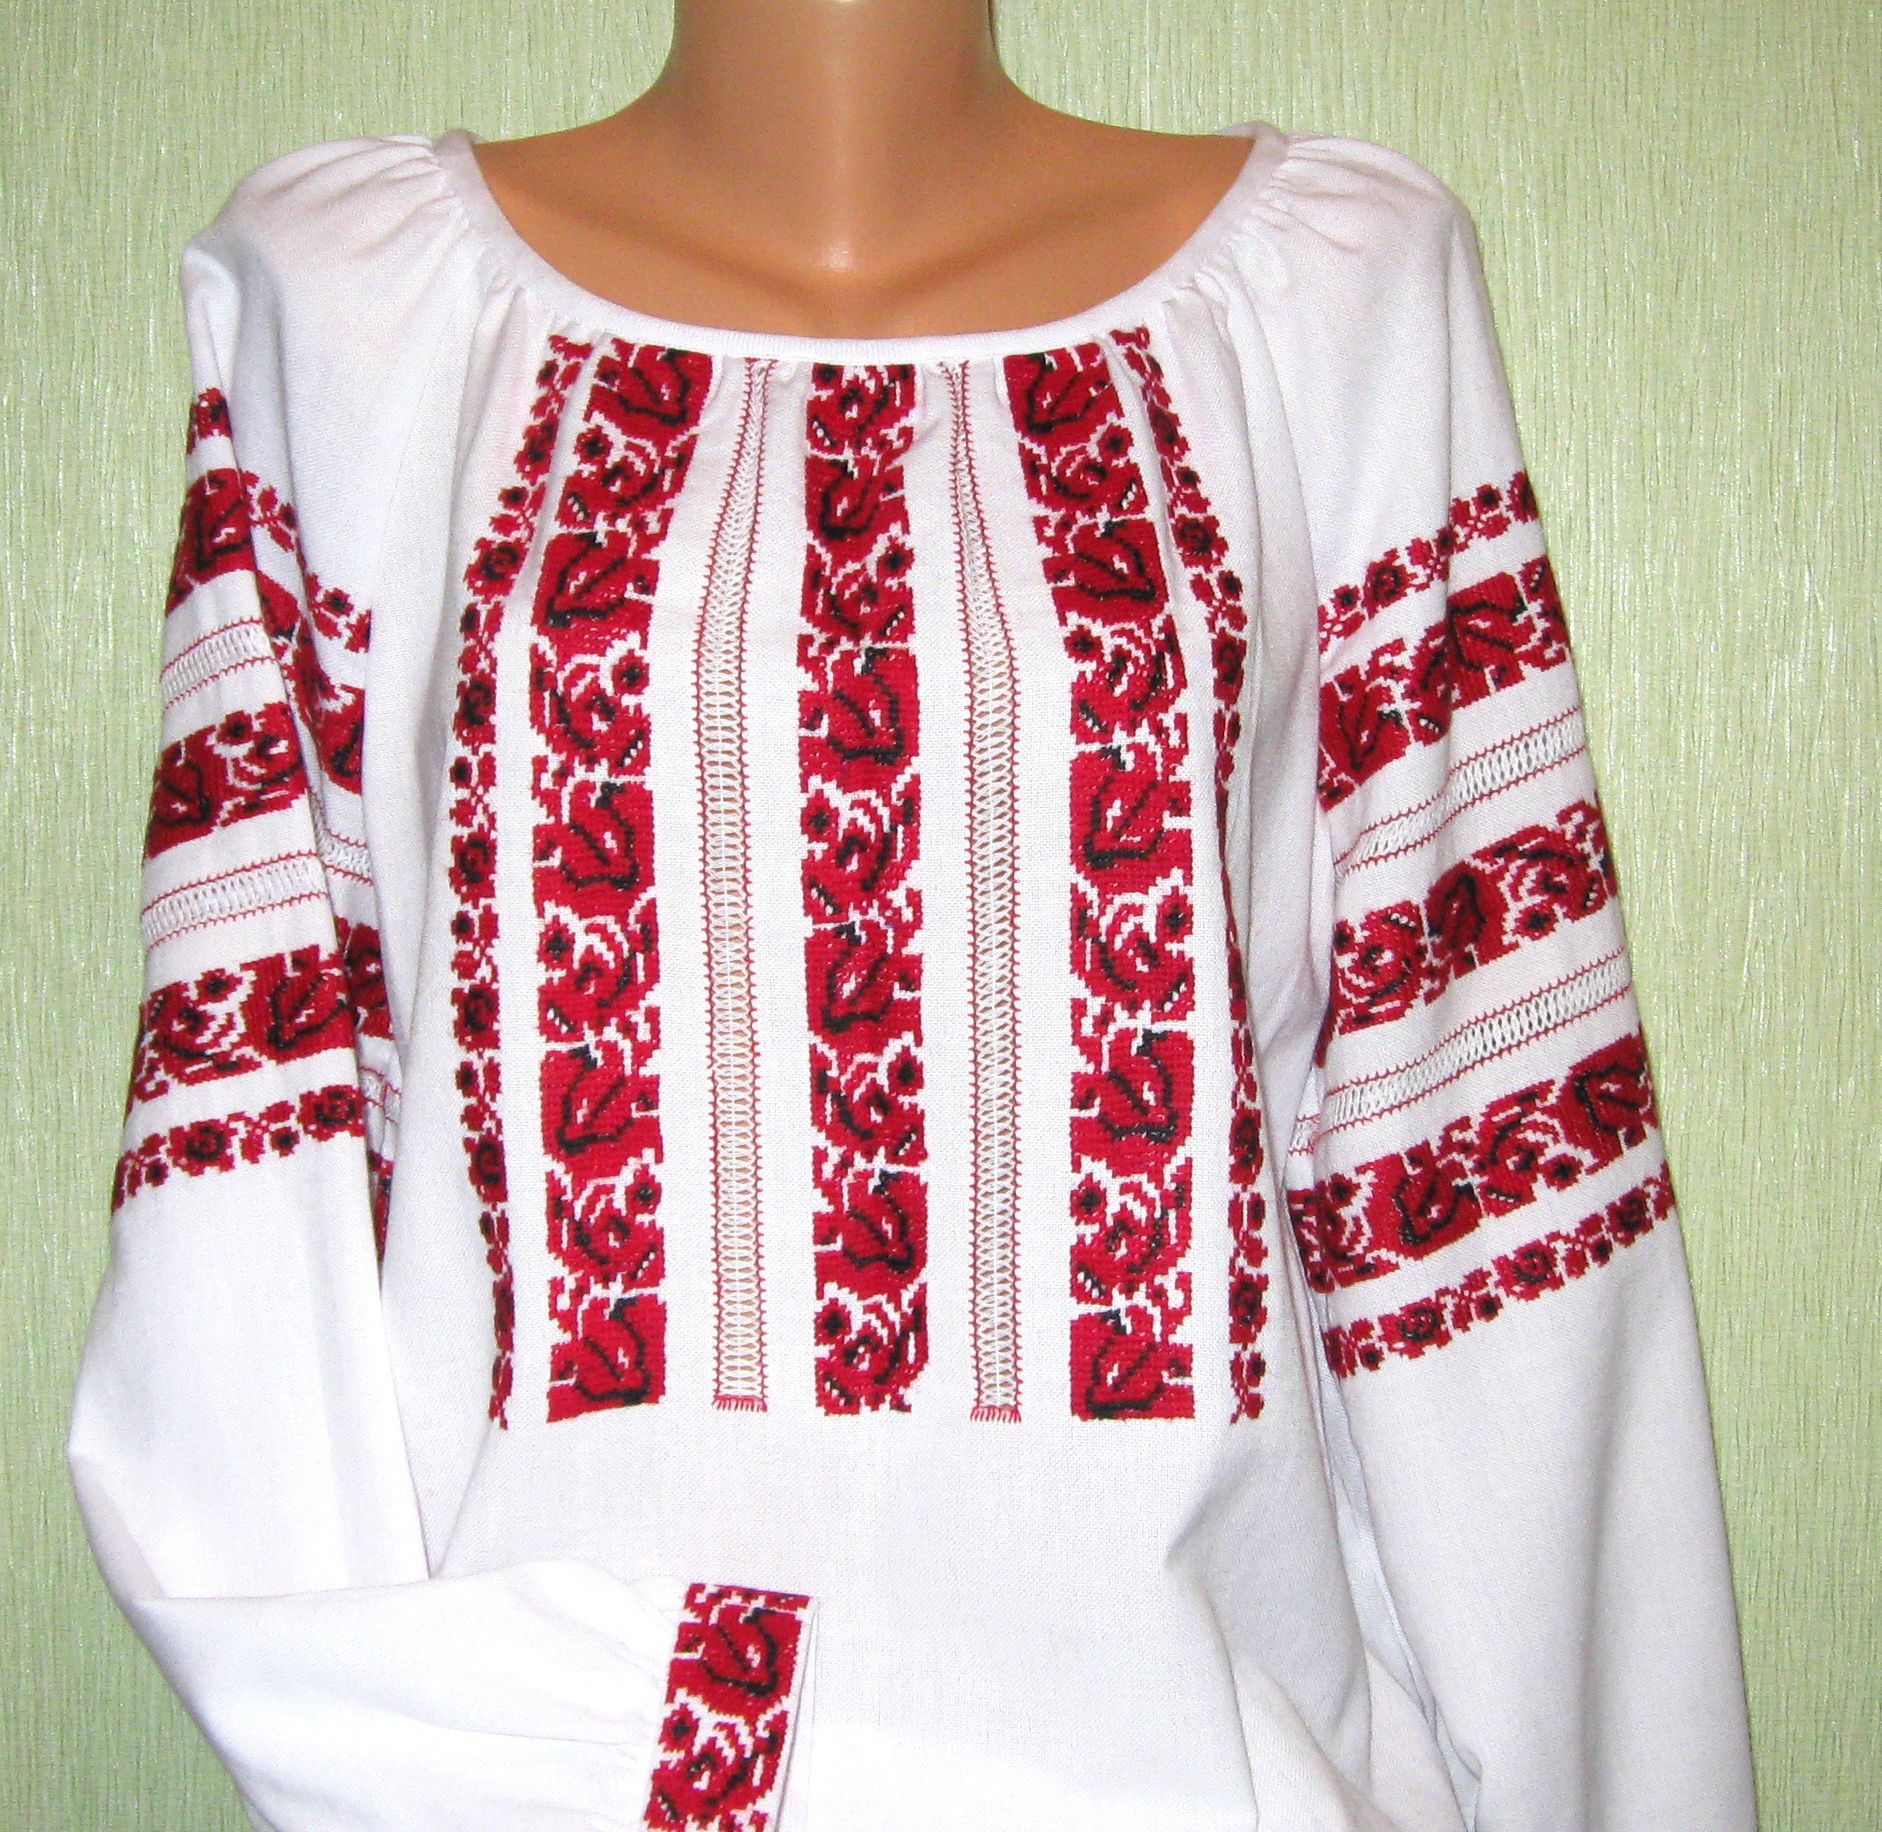 Вишита сорочка жіноча Сокальська червона - Фотогалерея - Вишиванки ... 0190d252f008d